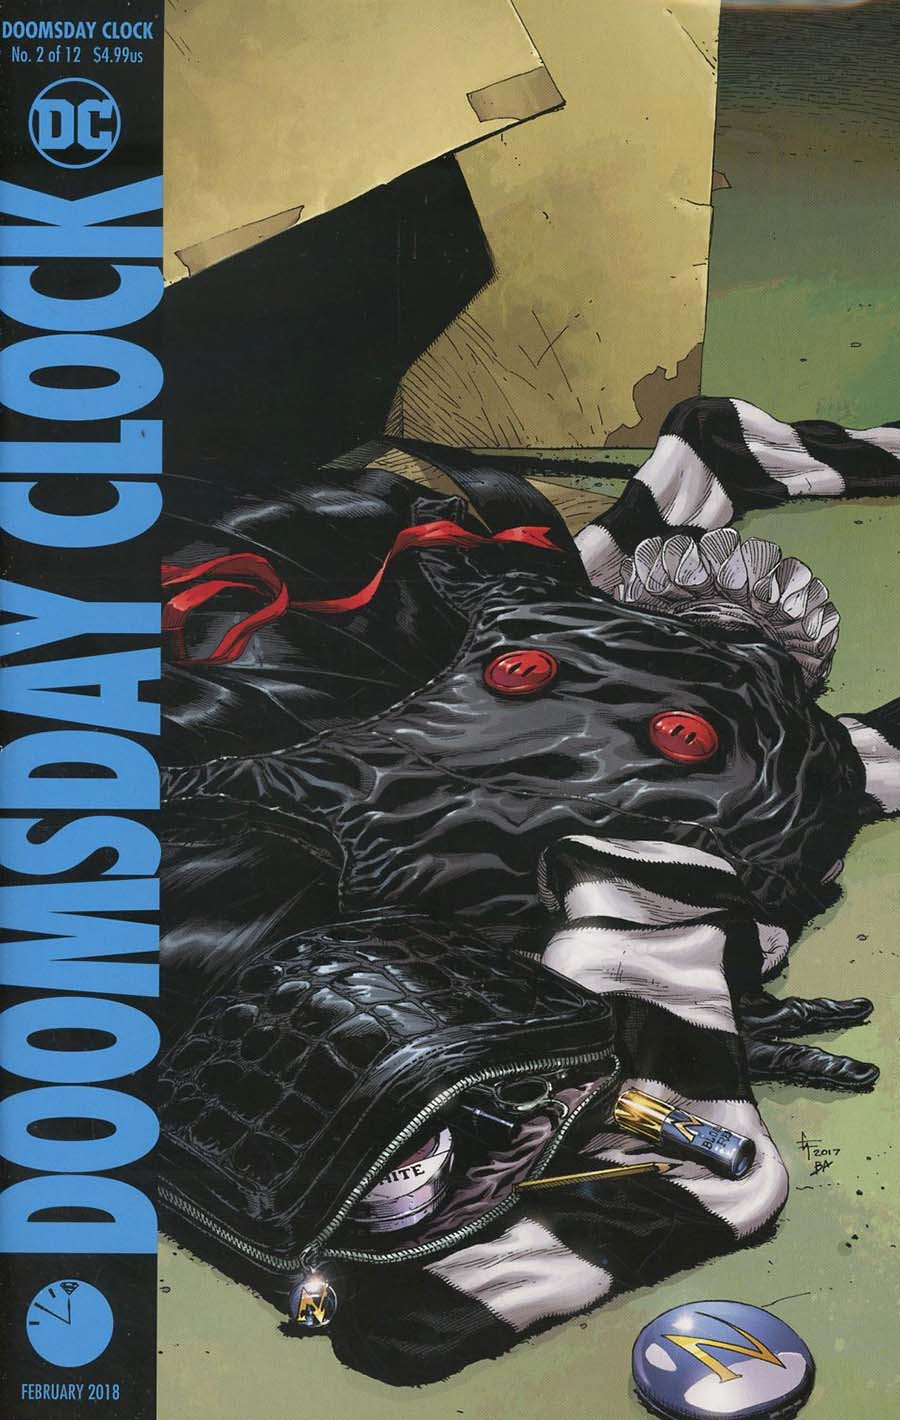 doomsdayclock2